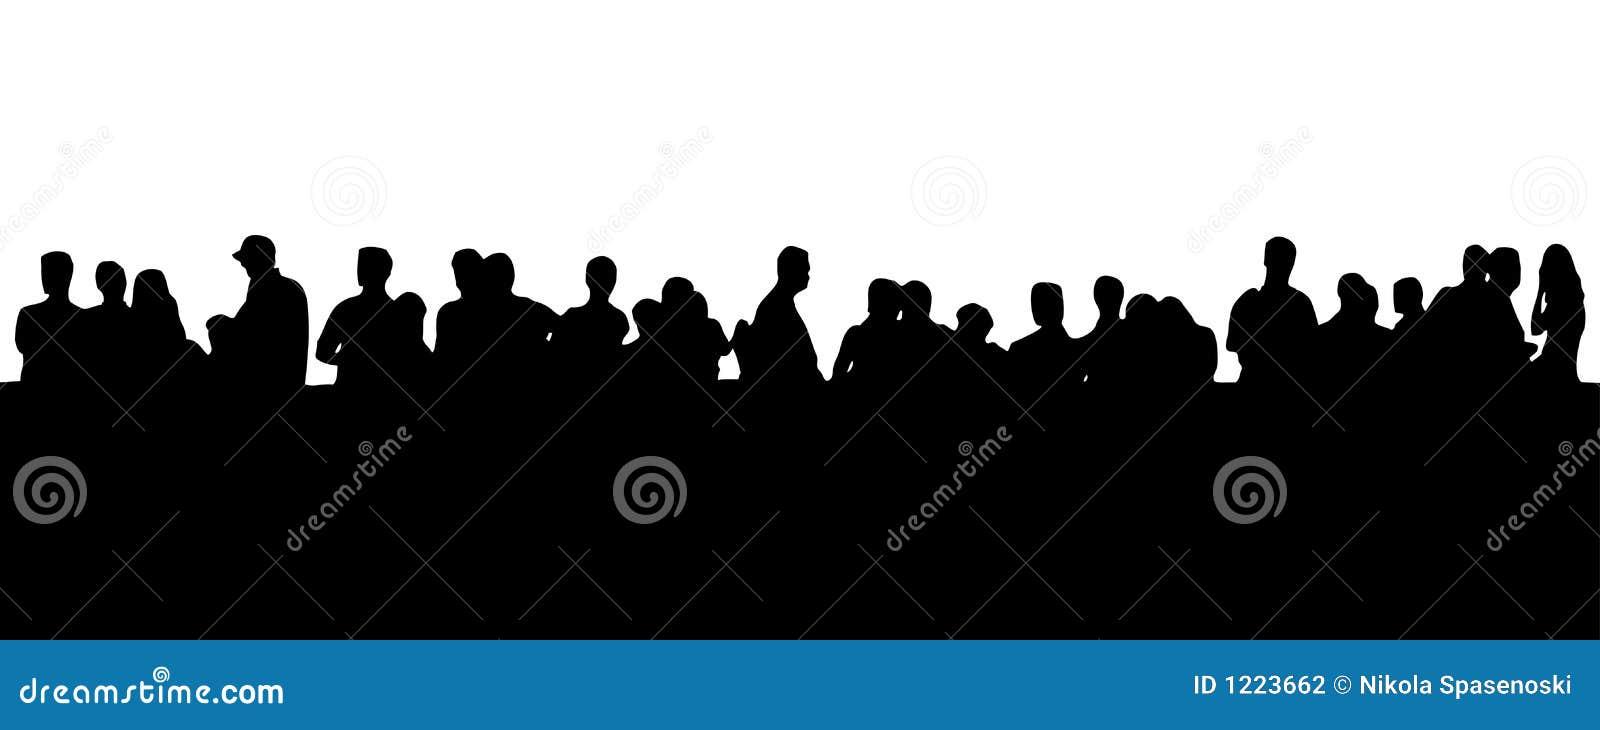 Gente en la línea (formato del EPS disponible)